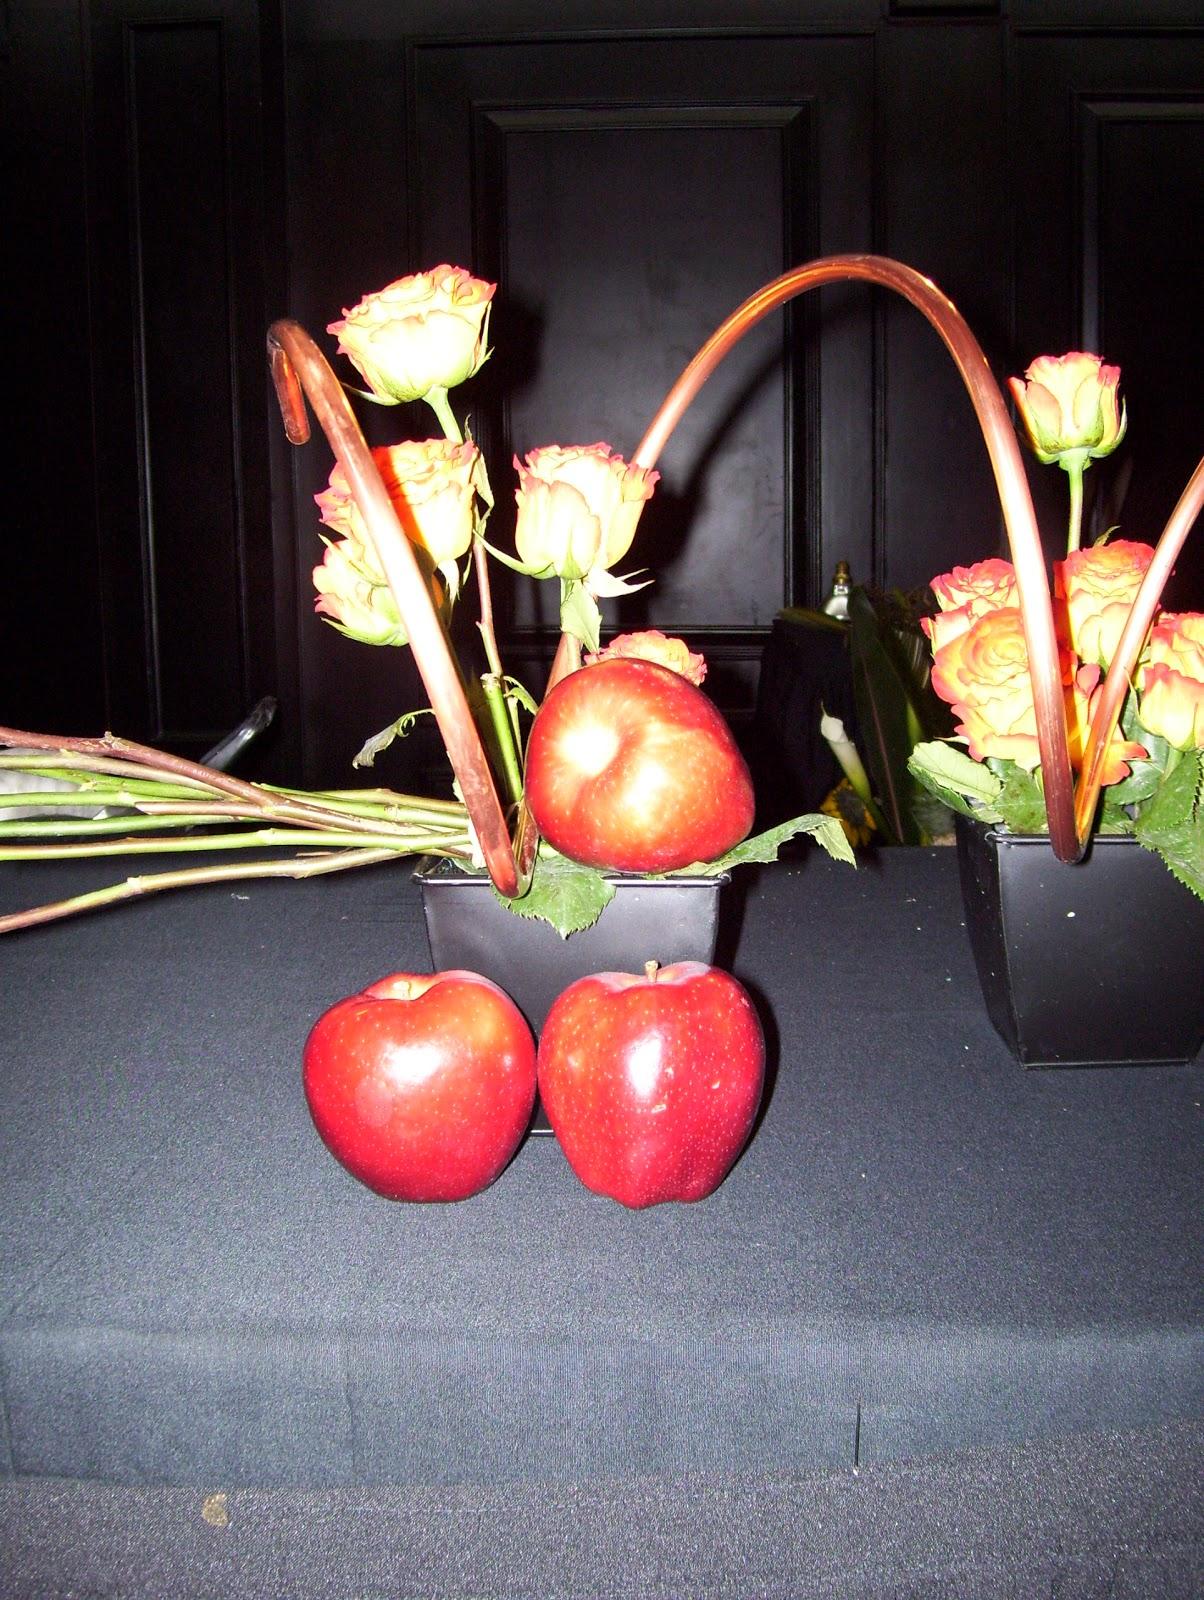 Arreglos florales creativos arreglos creativos charla de tony todesco en panam - Arreglos florales creativos ...